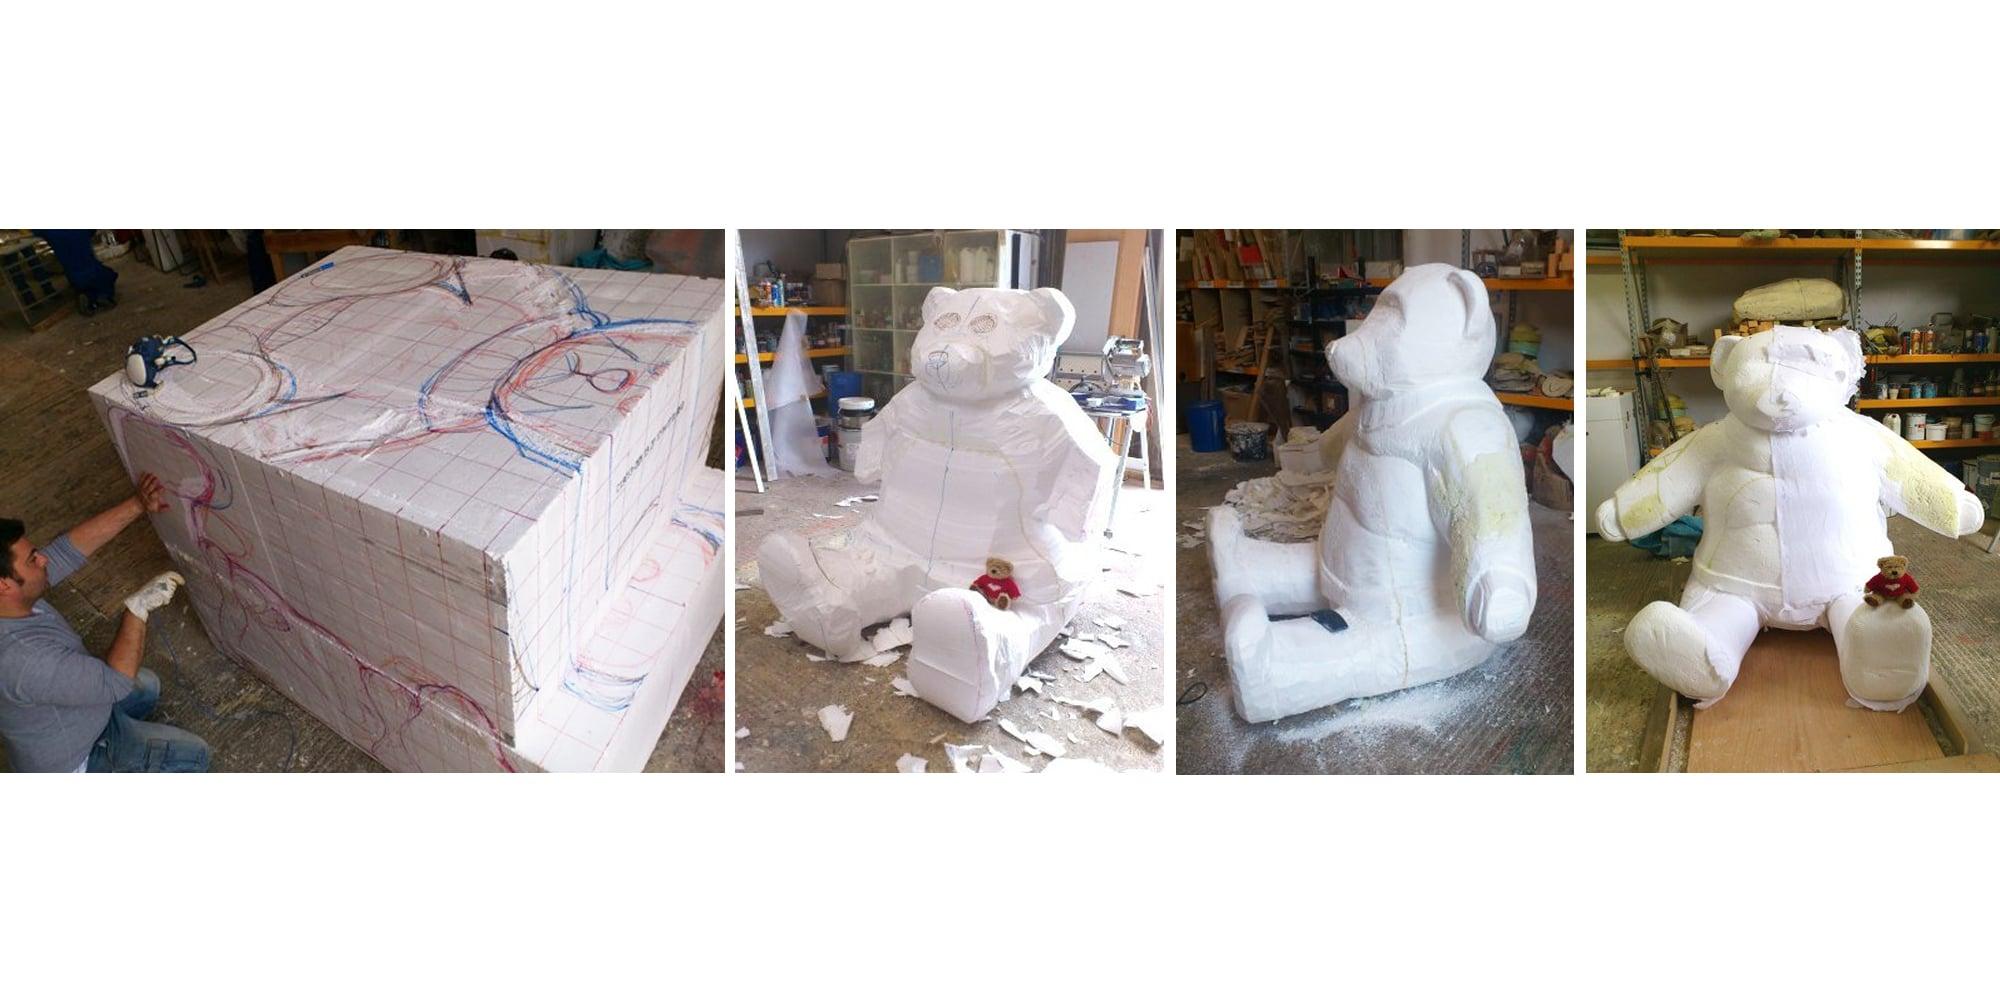 étapes de sculpture sur polystyrène de l'ours surdimensionné